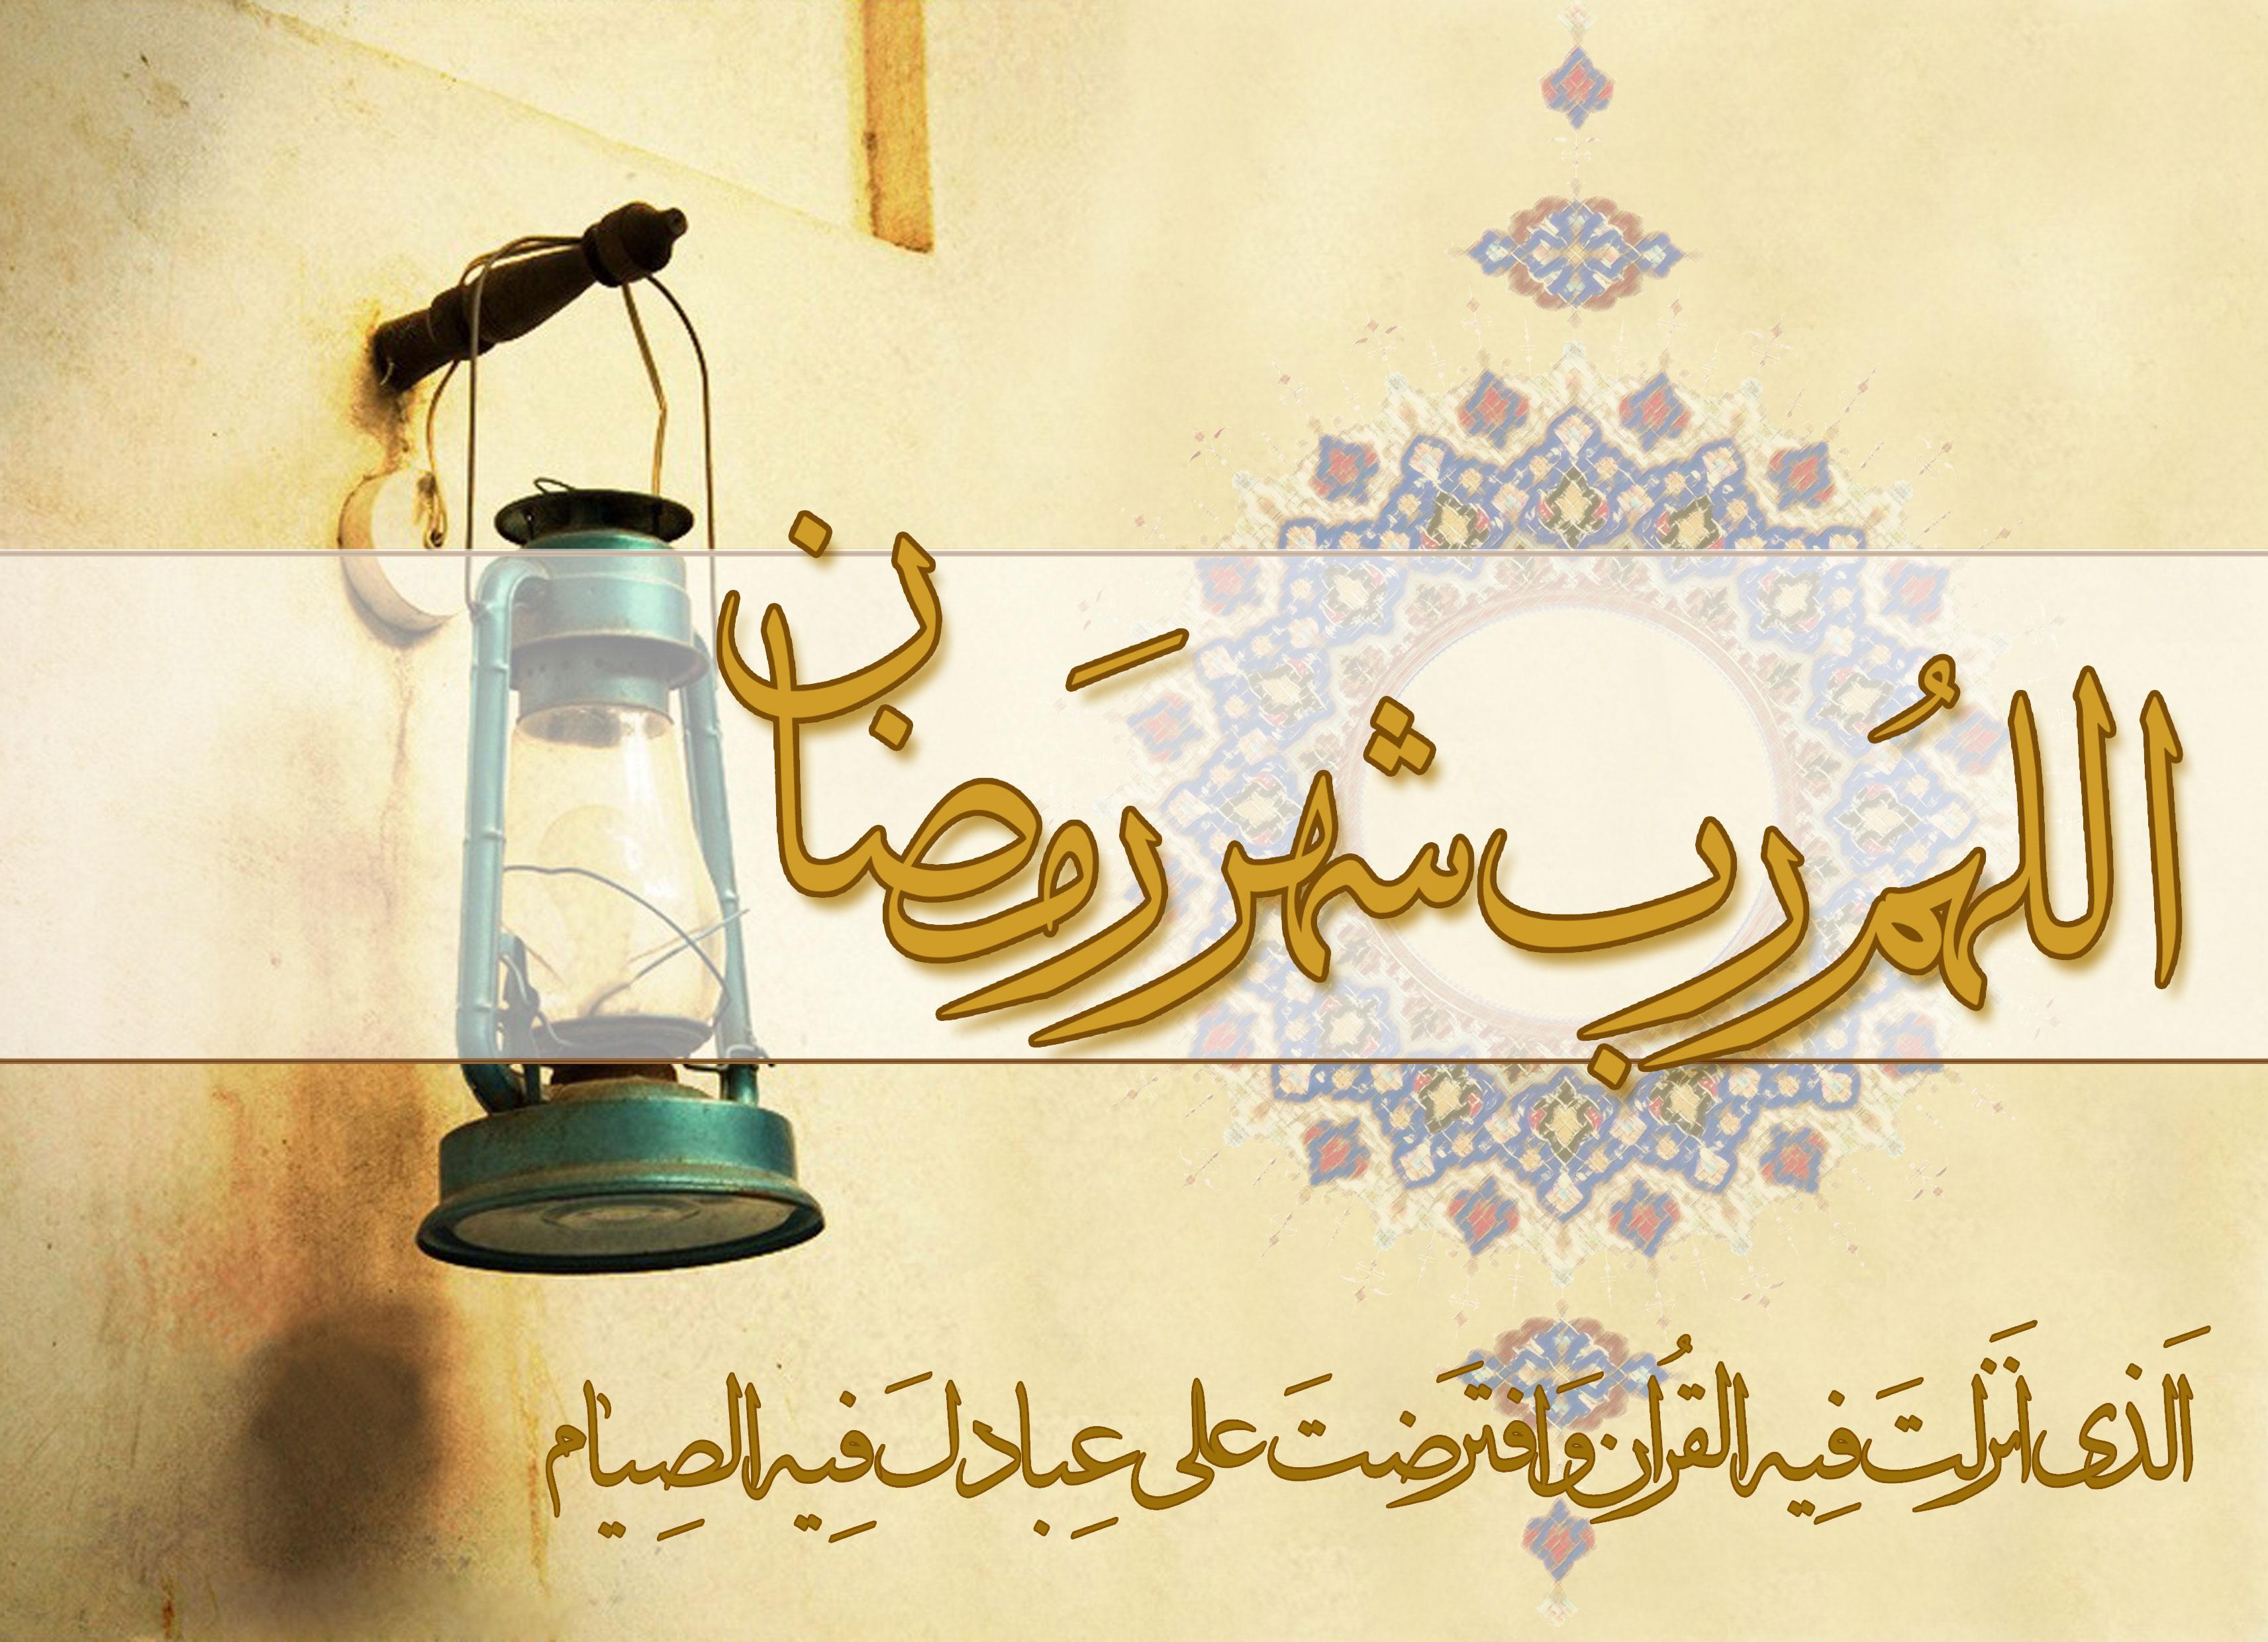 http://s5.picofile.com/file/8129742592/mahe_ramazanshiabooks_ir_.jpg